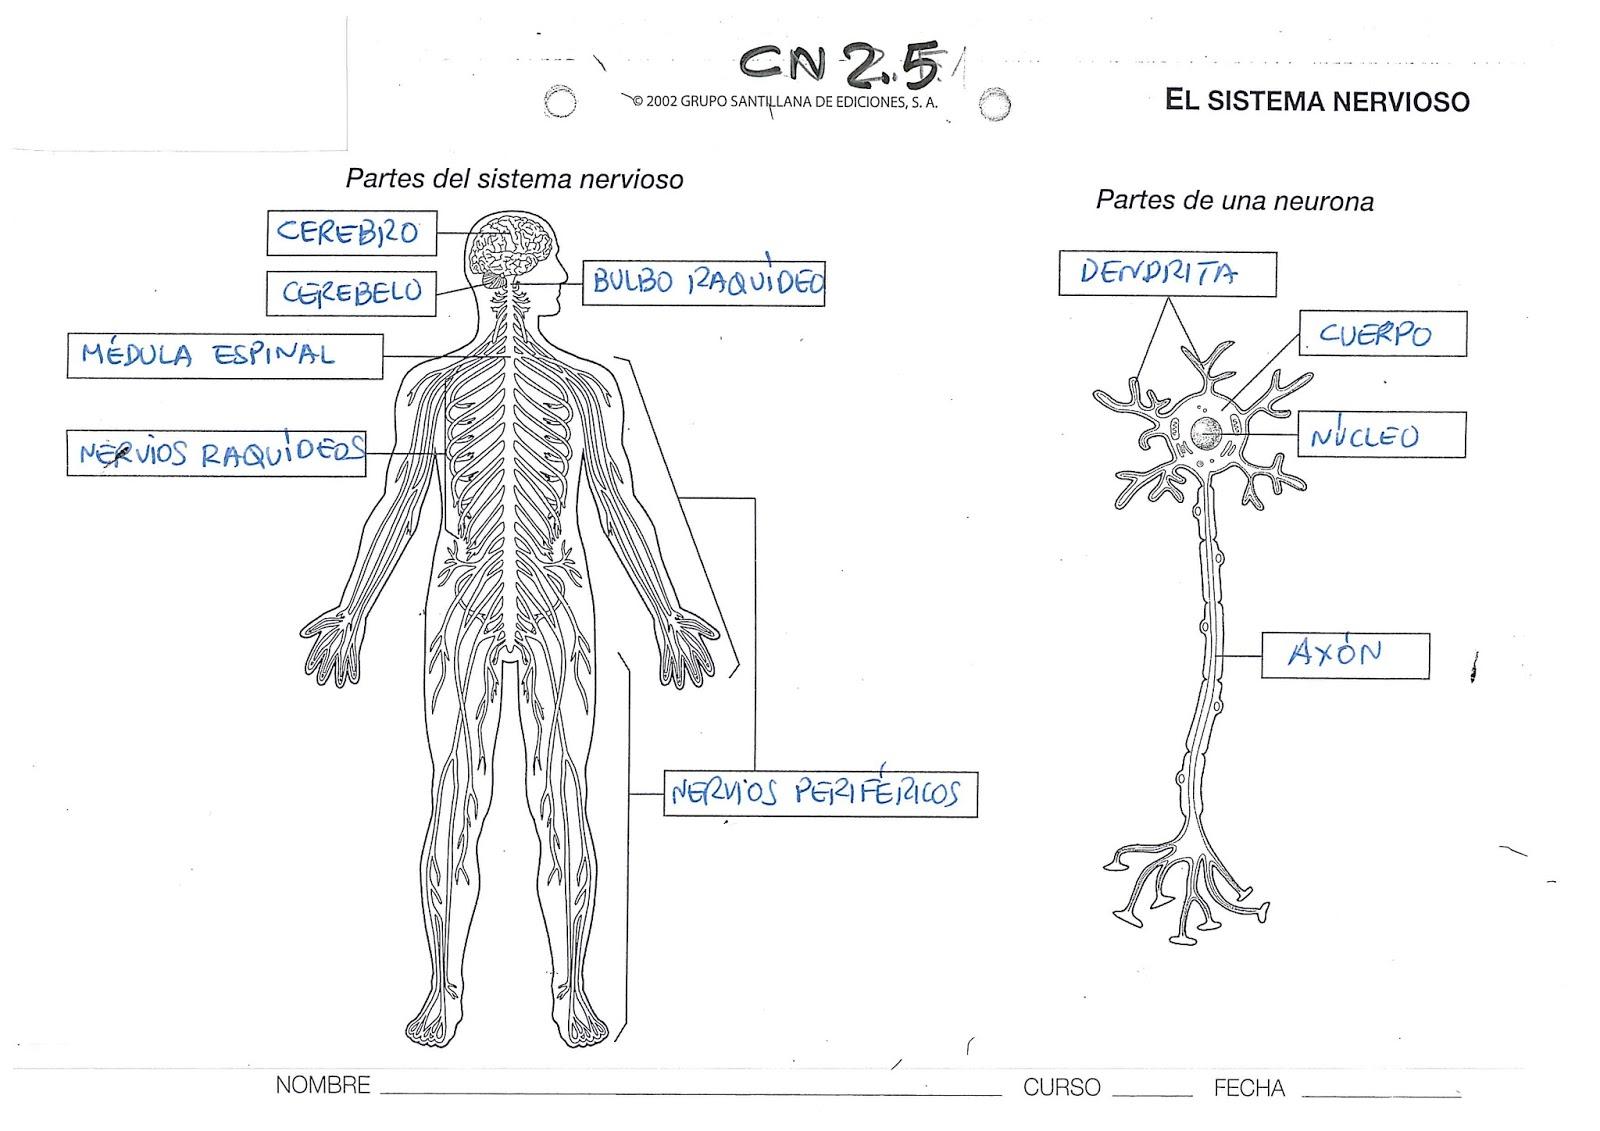 u00danico p u00e1gina para colorear de sistema nervioso bosquejo